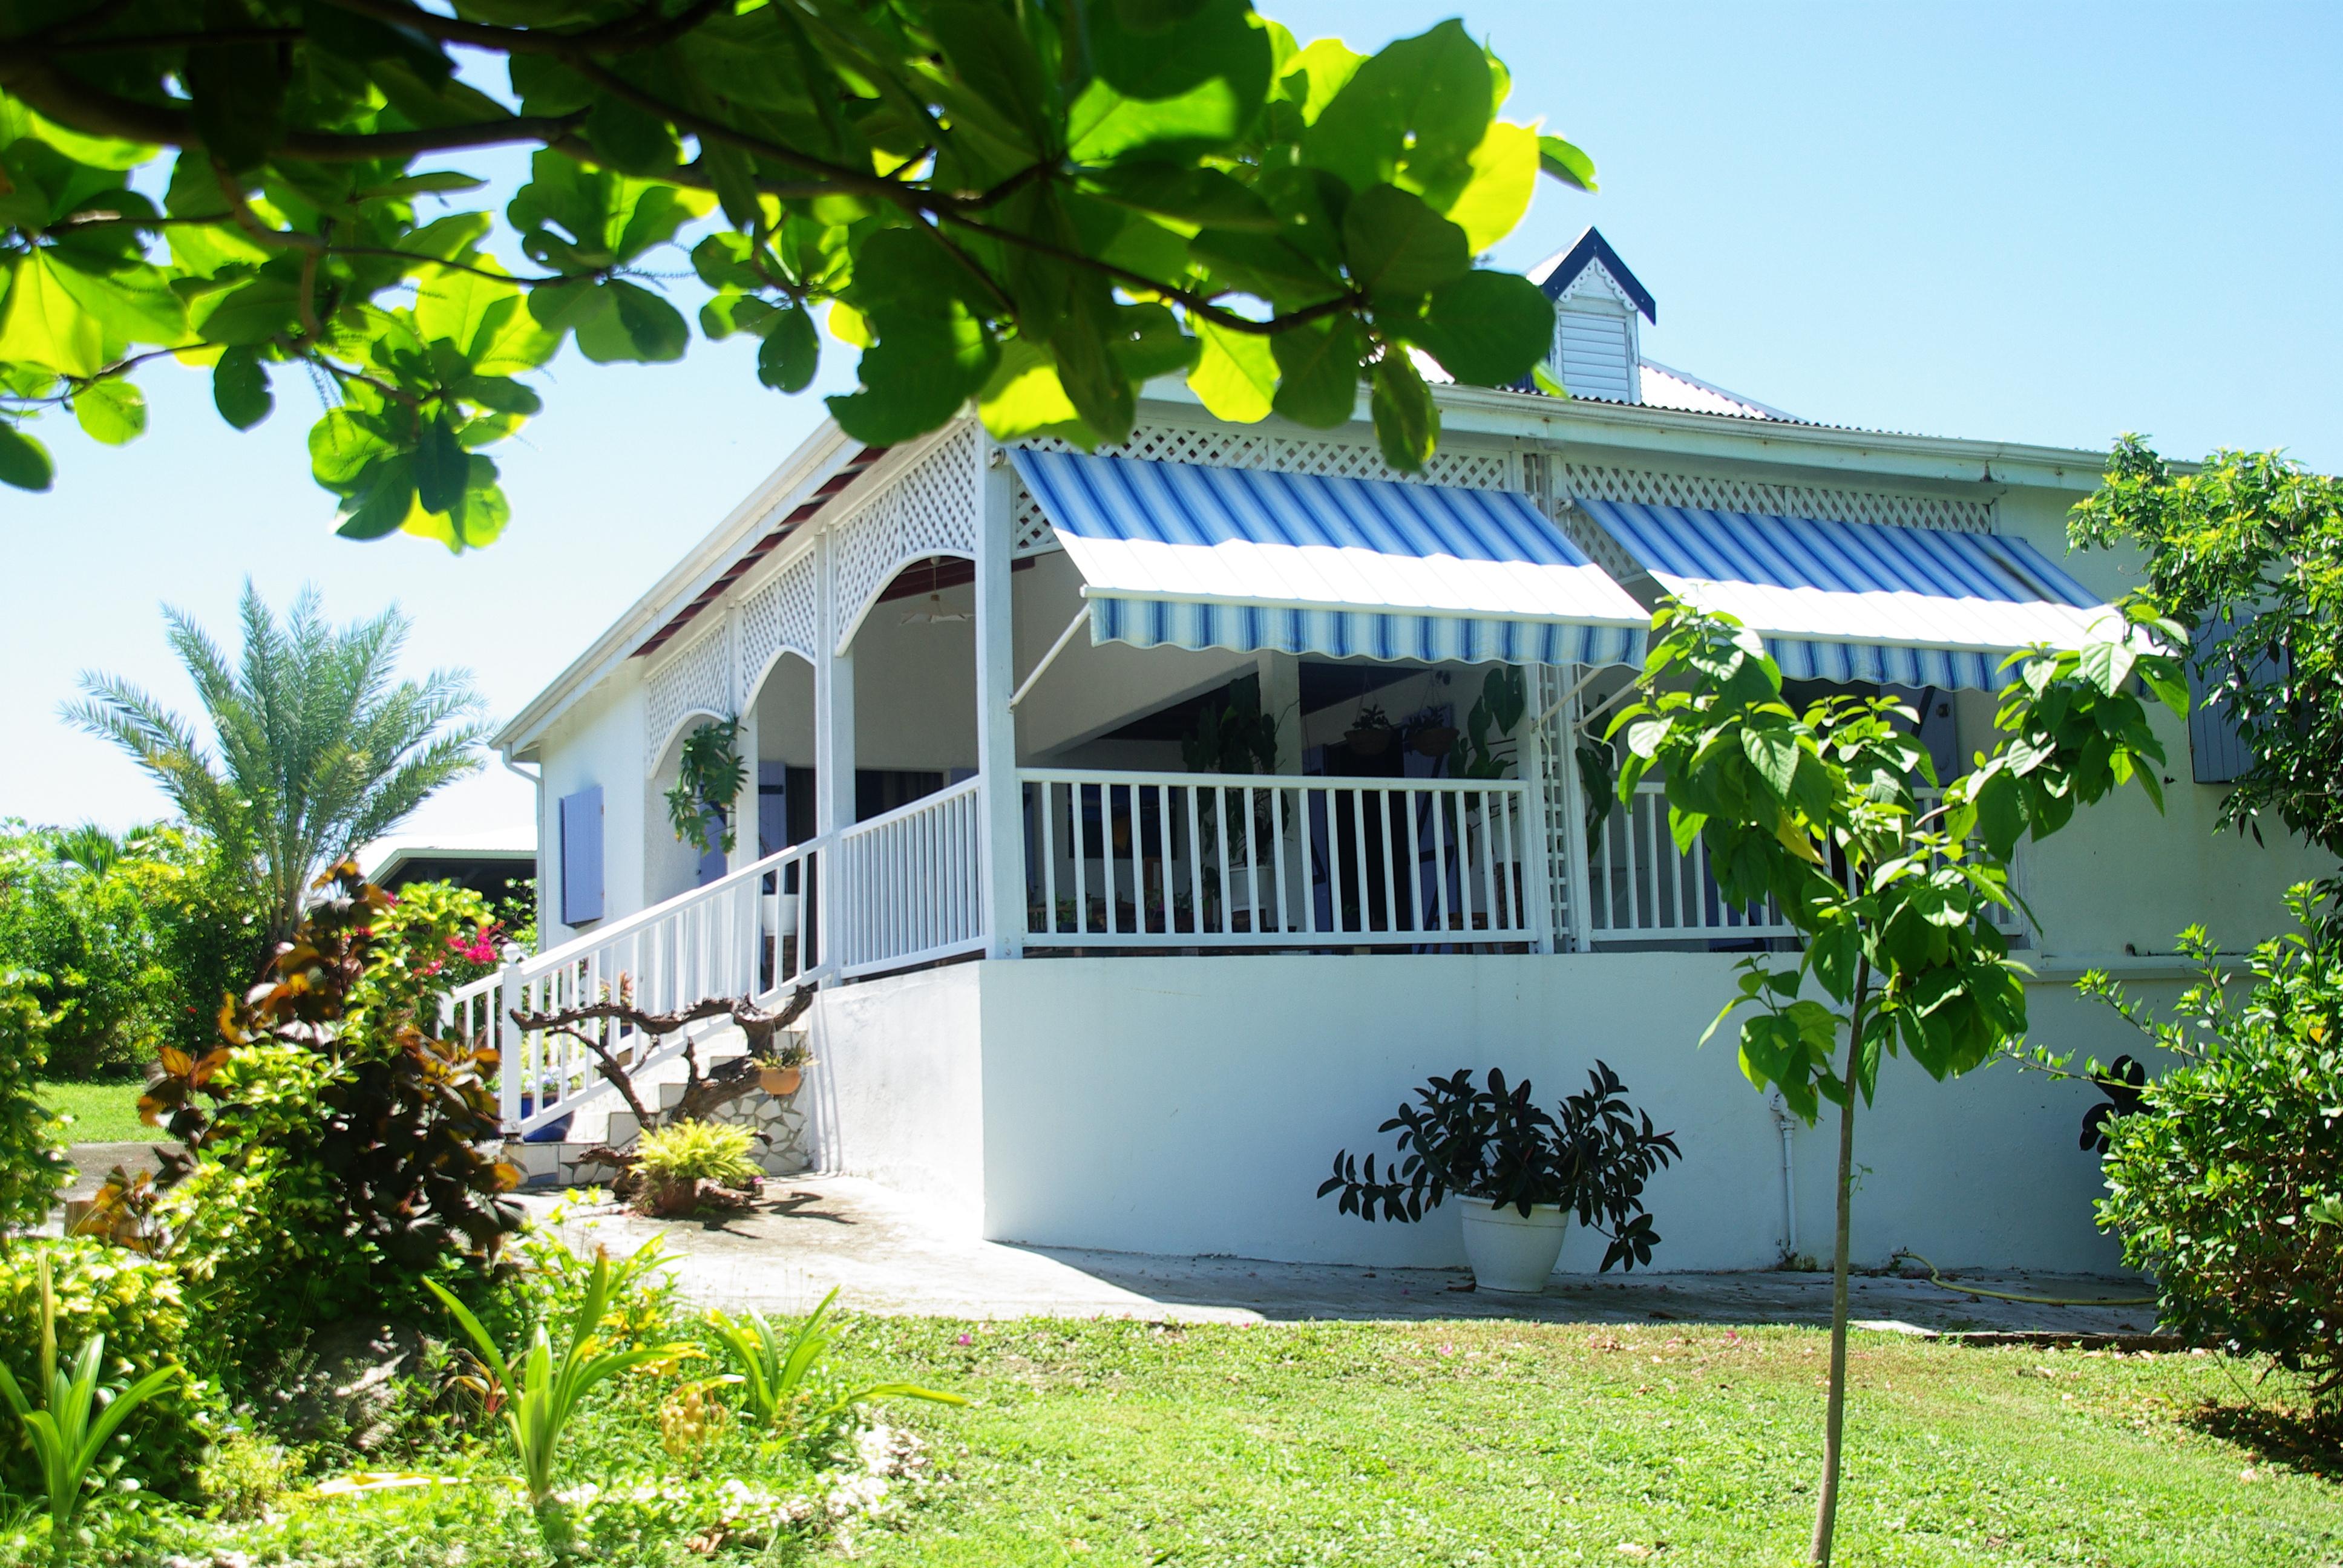 Achat maison le moule 97160 guadeloupe grande terre nord for Achat maison veneux les sablons